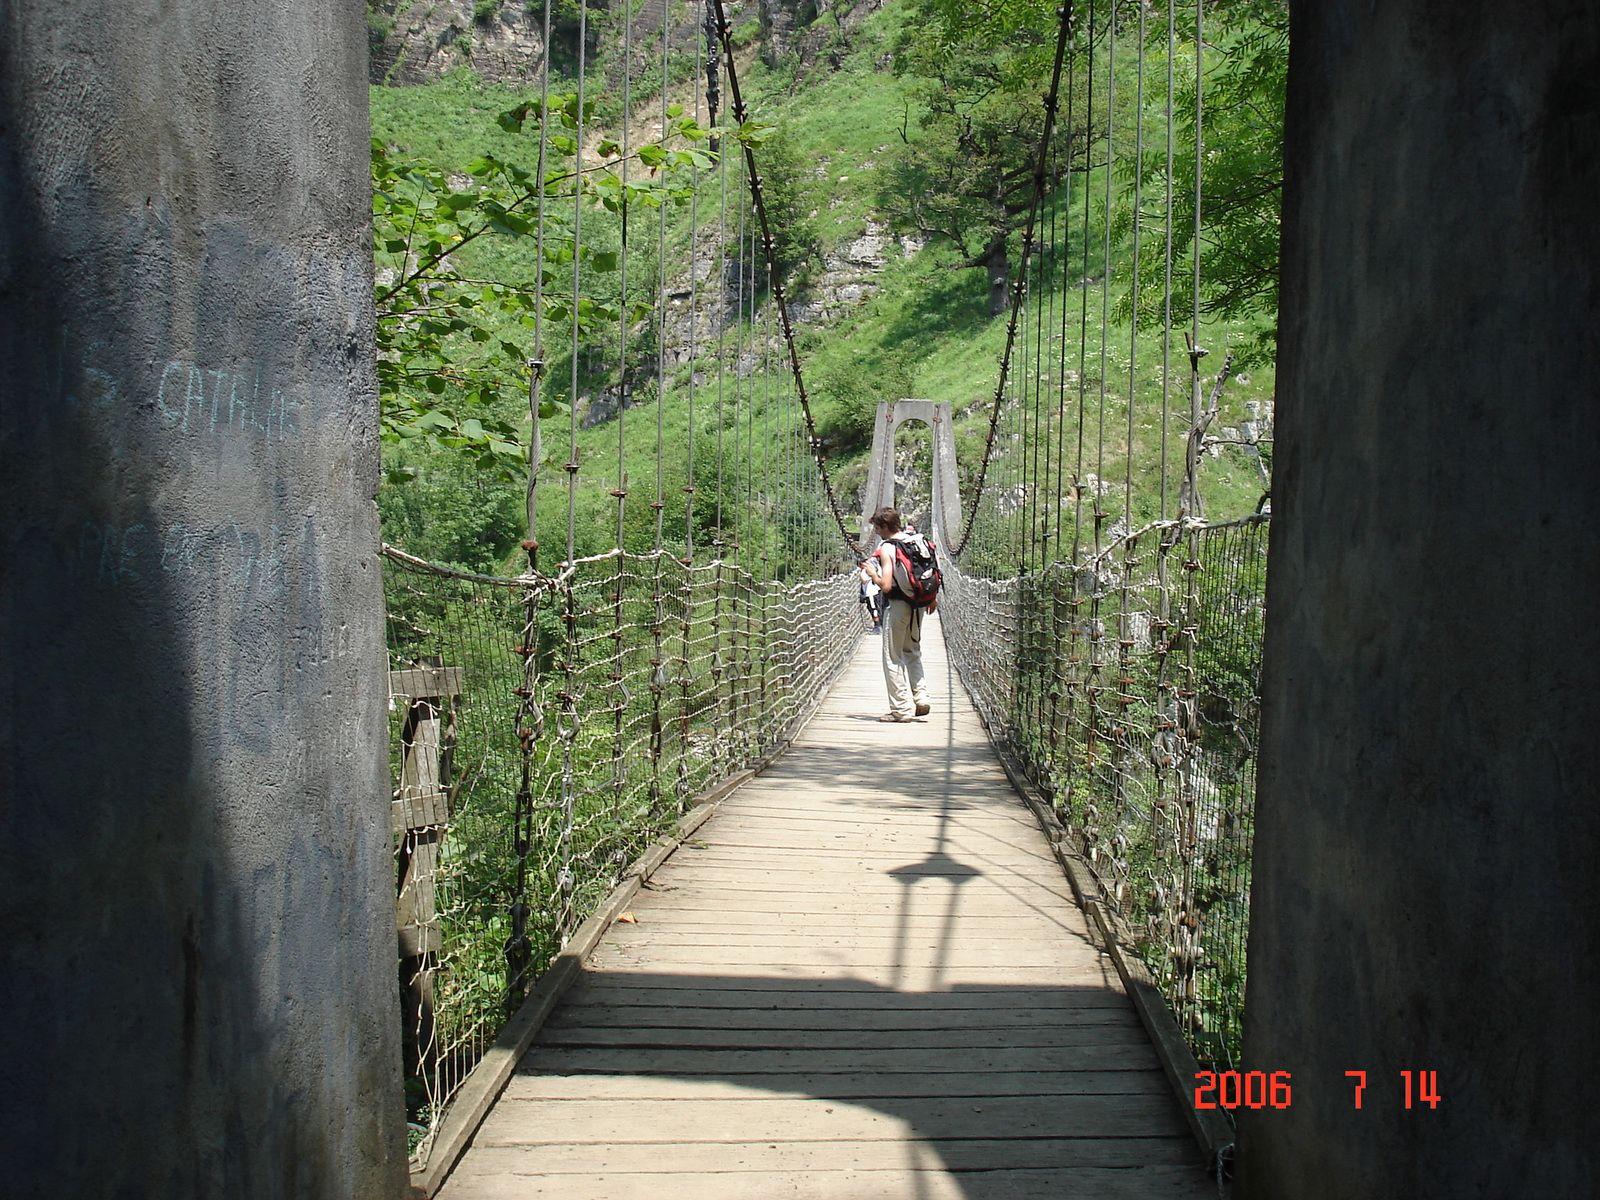 Après une dernière descente bien pentue, nous arrivons au moment fort de notre journée: la traversée de la passerelle d'Holzarté.